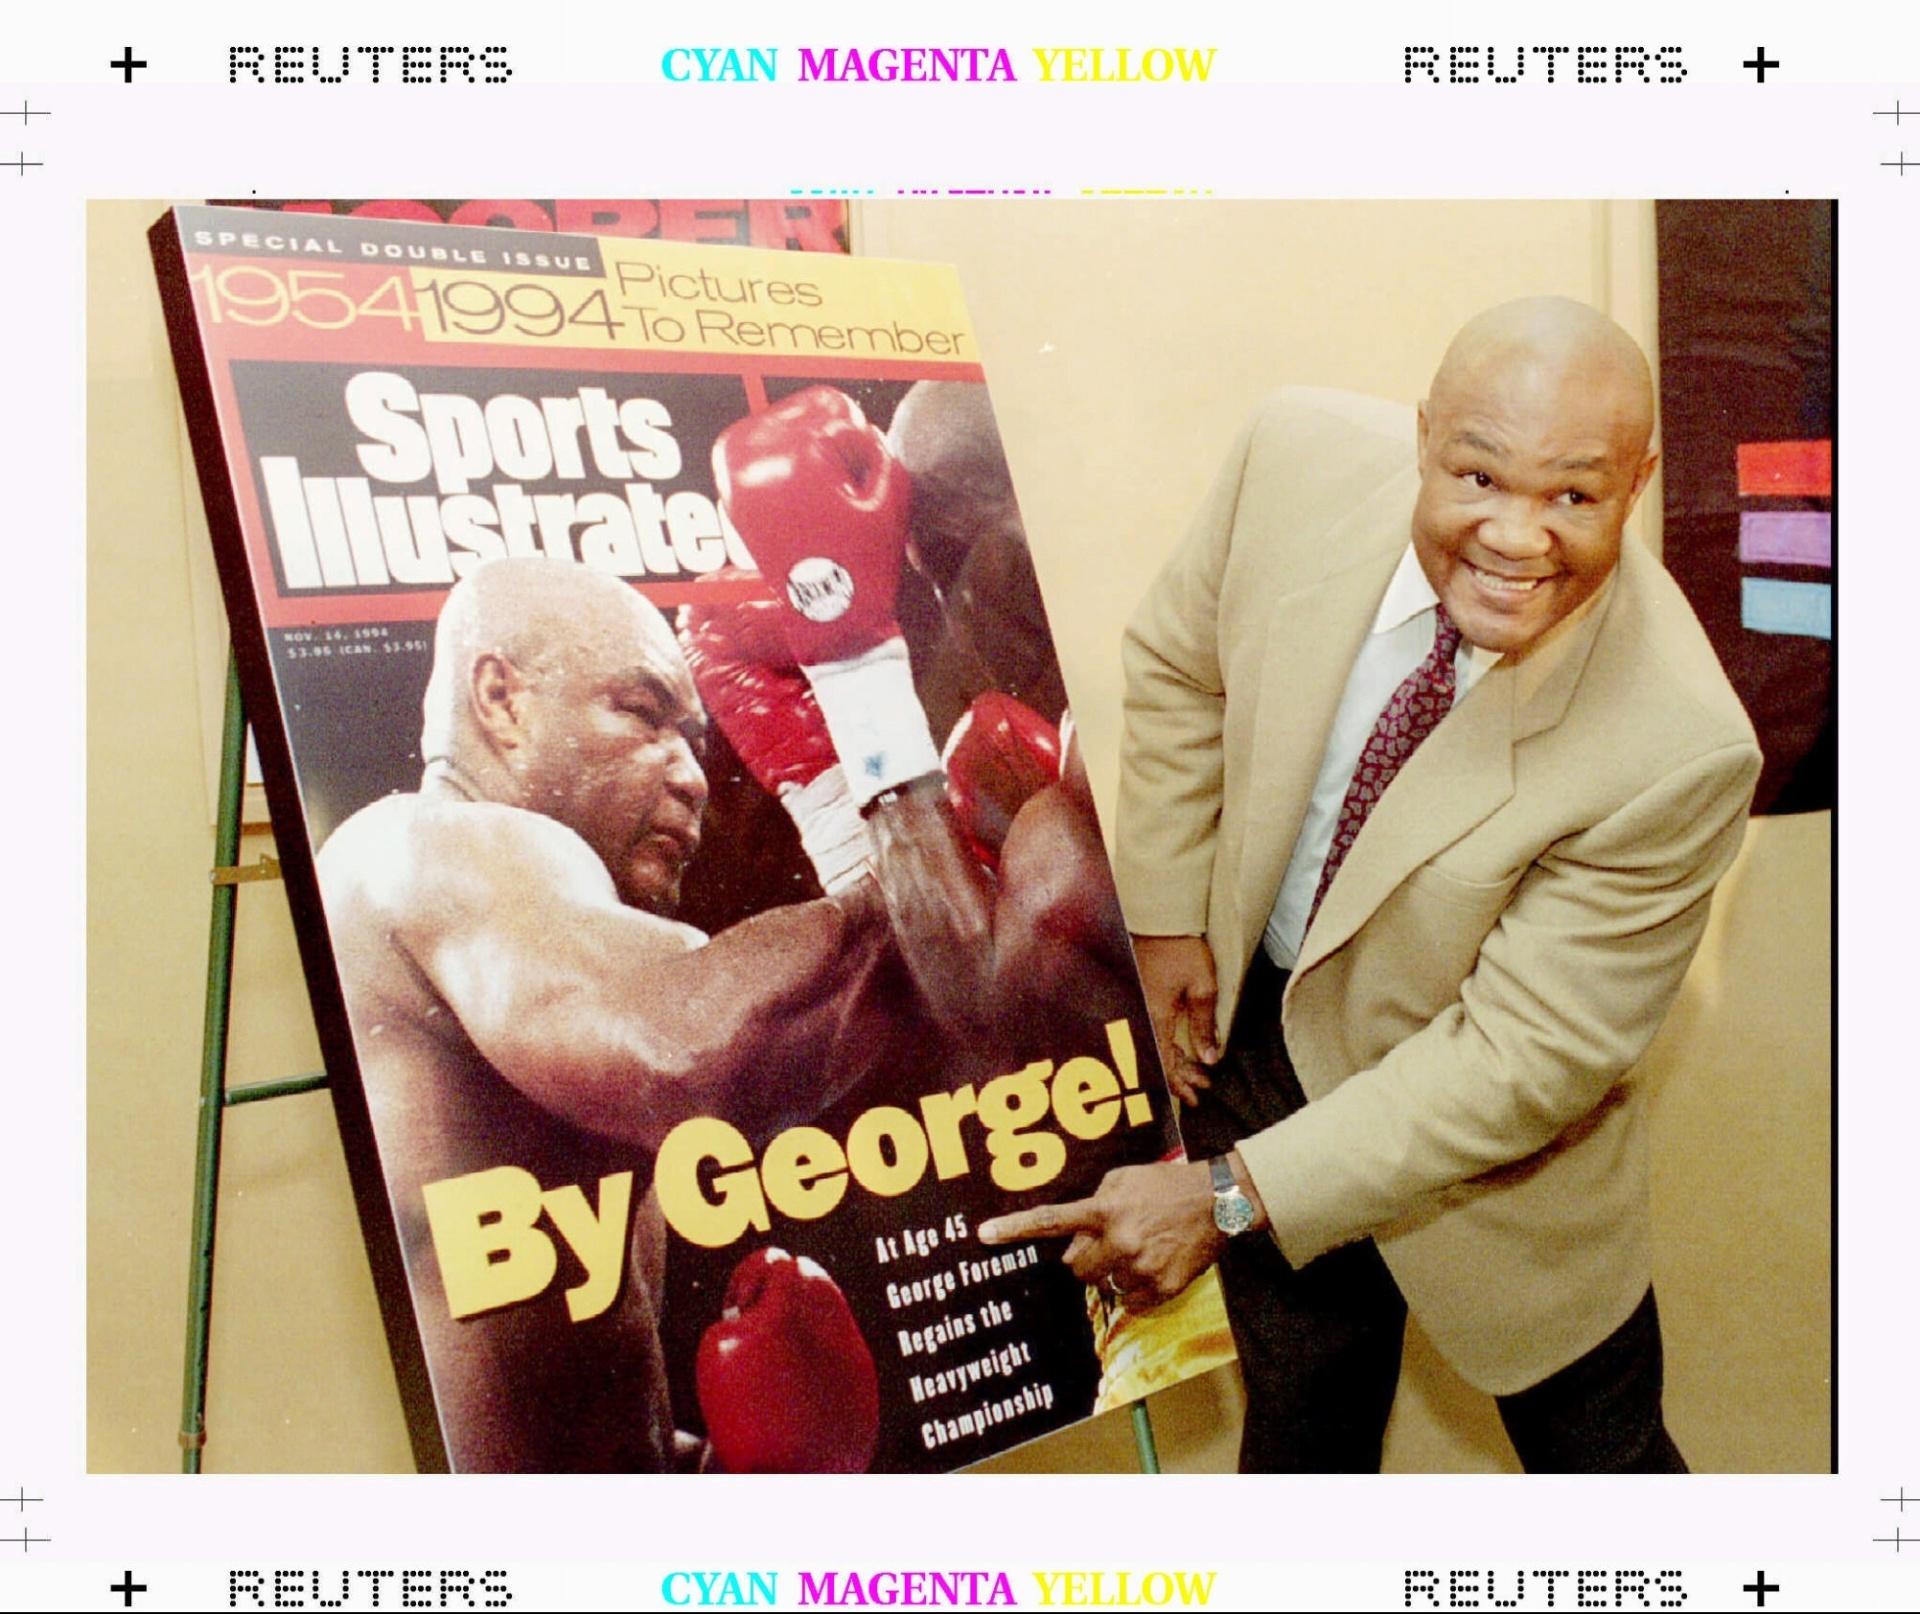 O campeão mundial de boxe dos pesos pesados George Foreman mostra um cartaz da revista Sports Illustrated